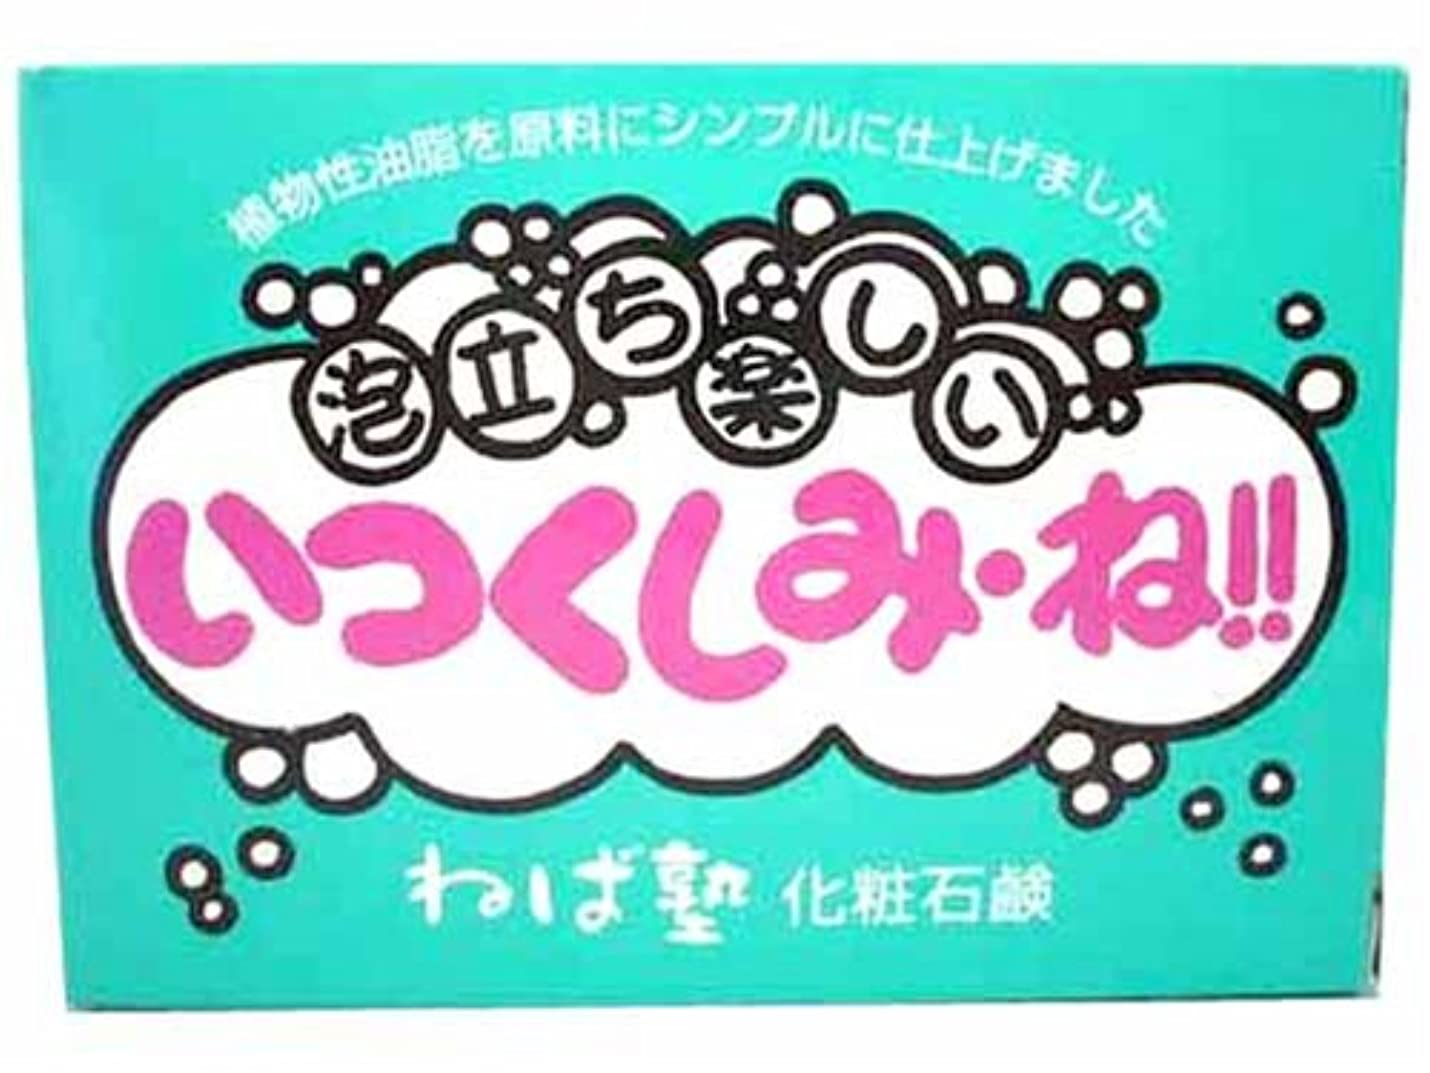 チョコレートペパーミントマエストロねば塾 いつくしみね!! 120g